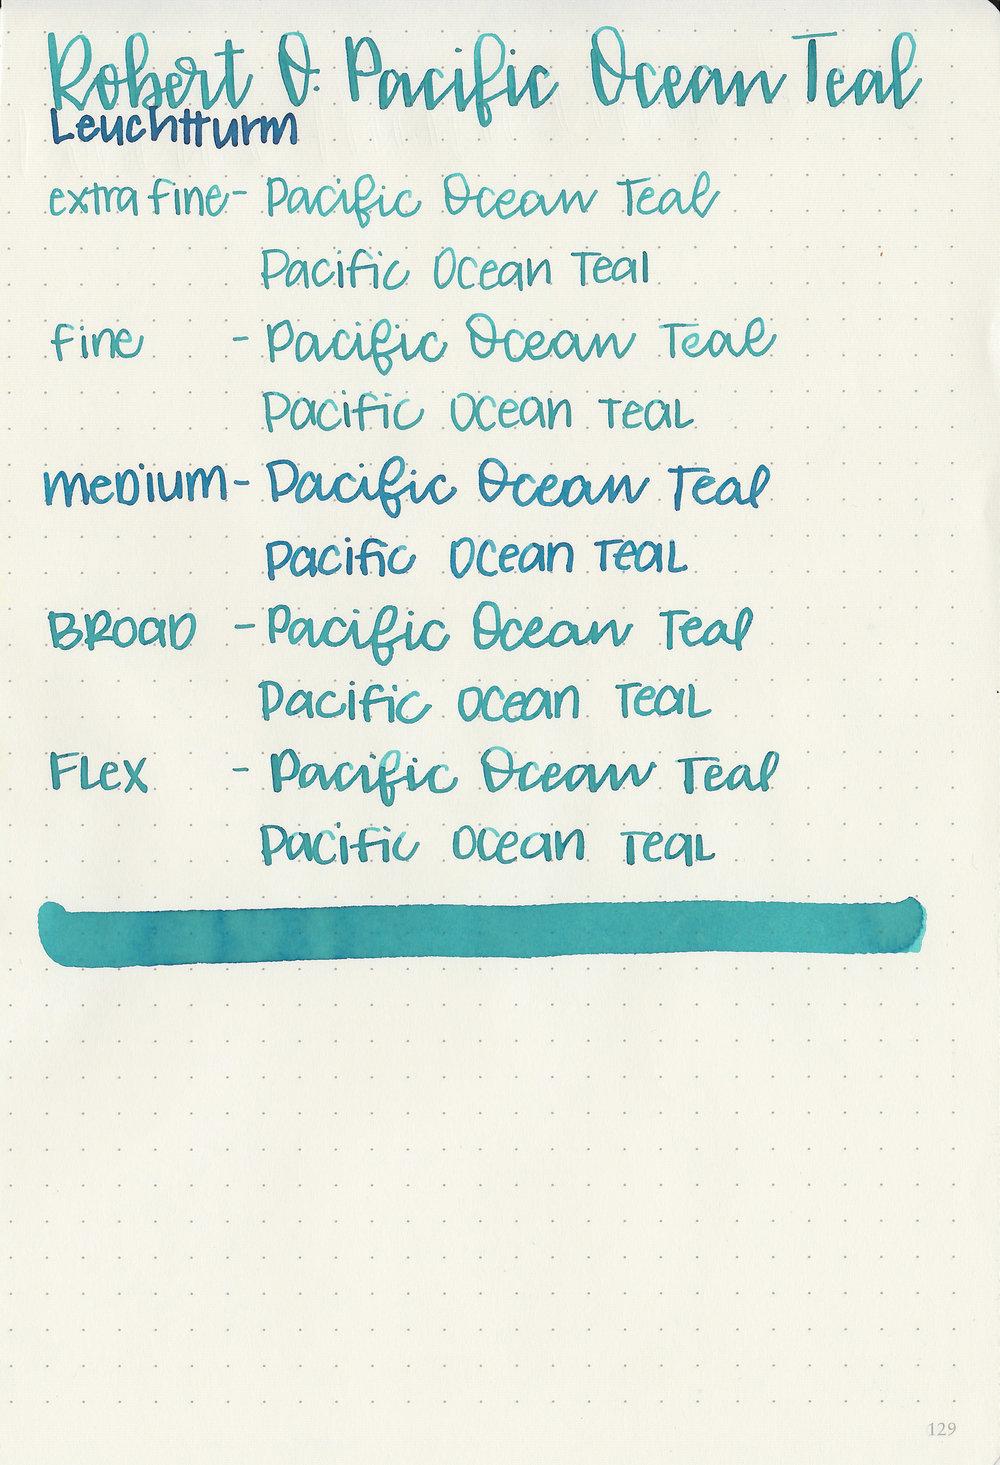 ro-pacific-ocean-teal-9.jpg